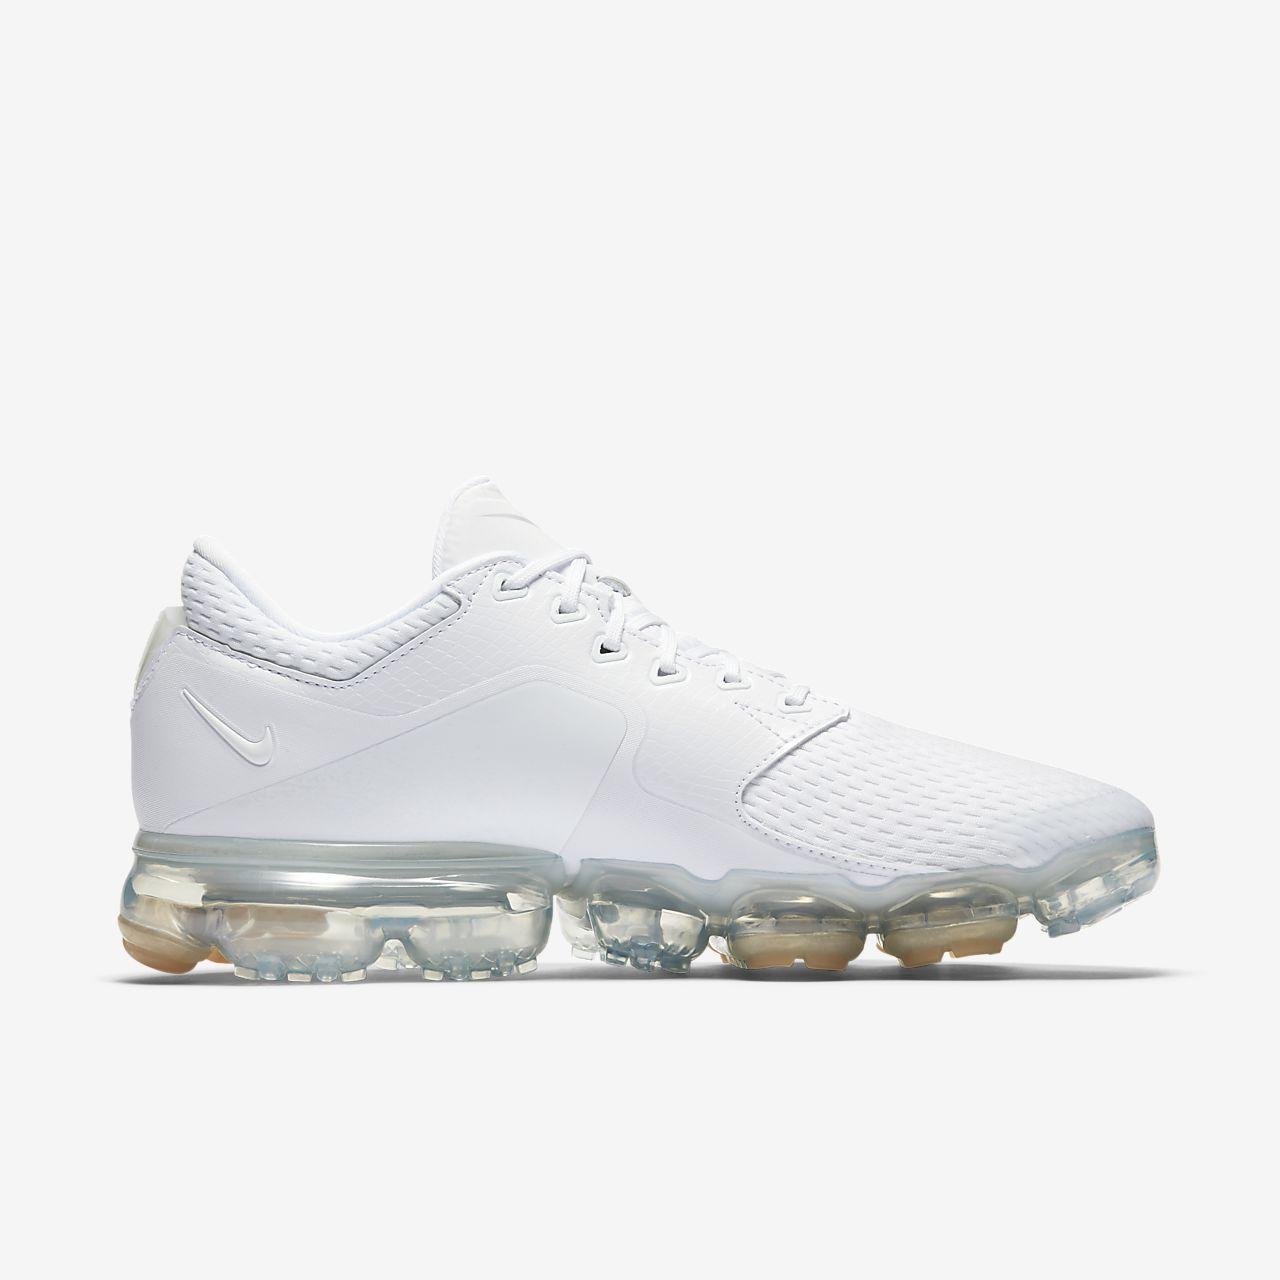 new products 6d9d8 5c0e1 ... Nike Air VaporMax Men s Shoe